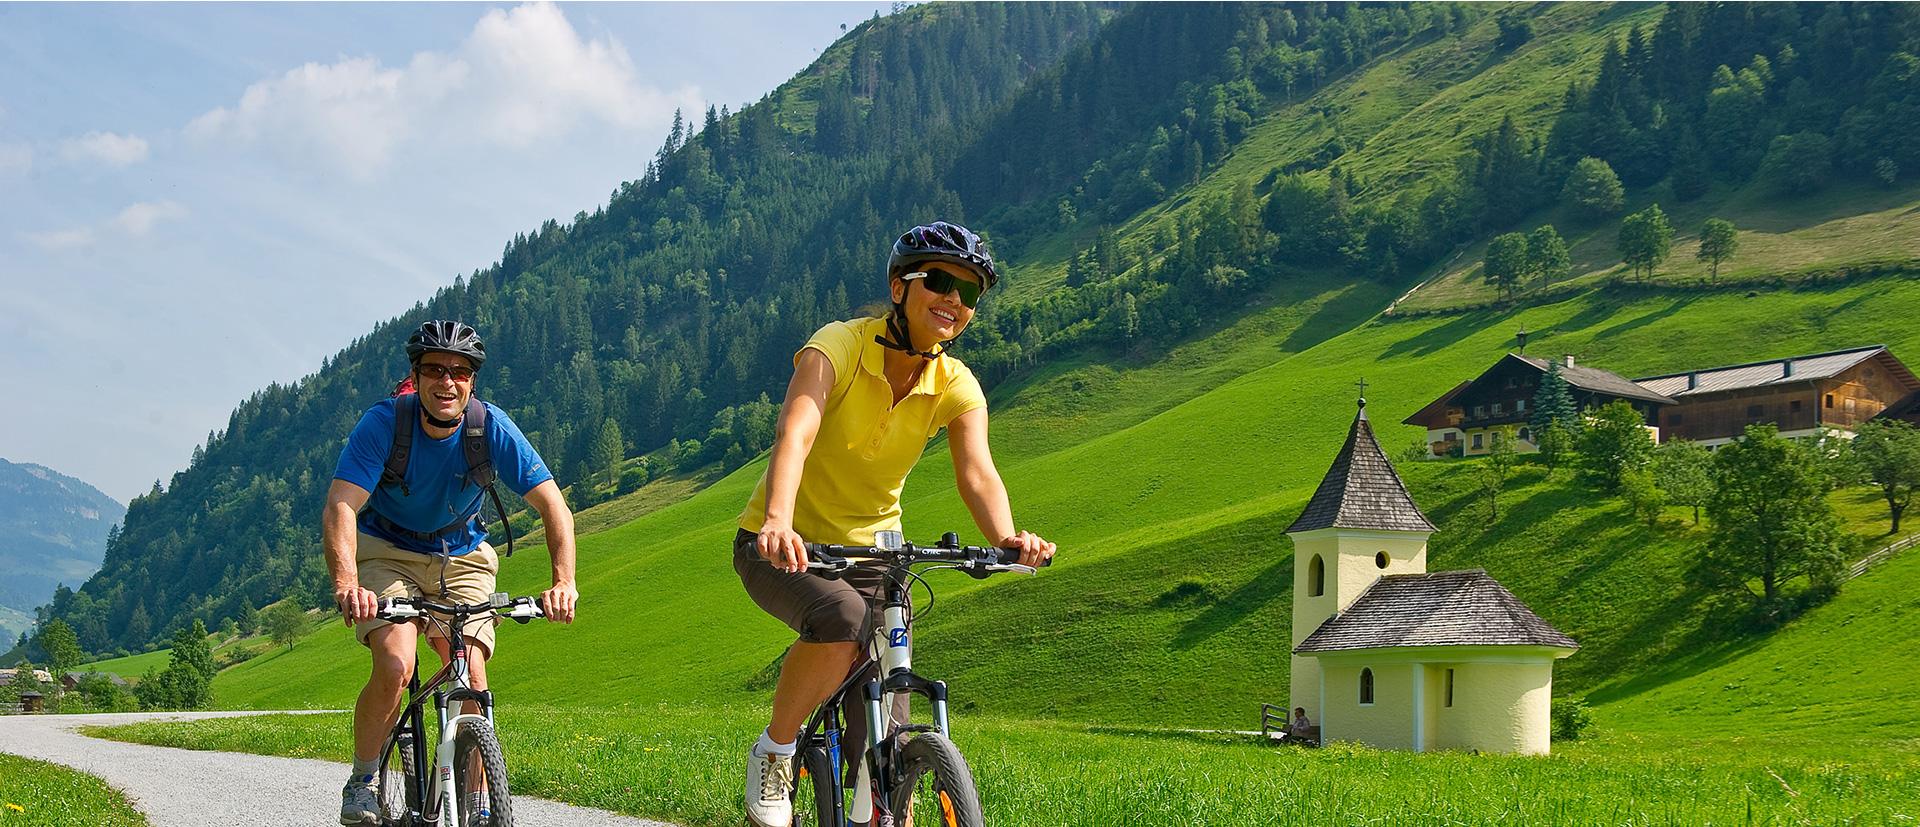 Pärchen Radfahren